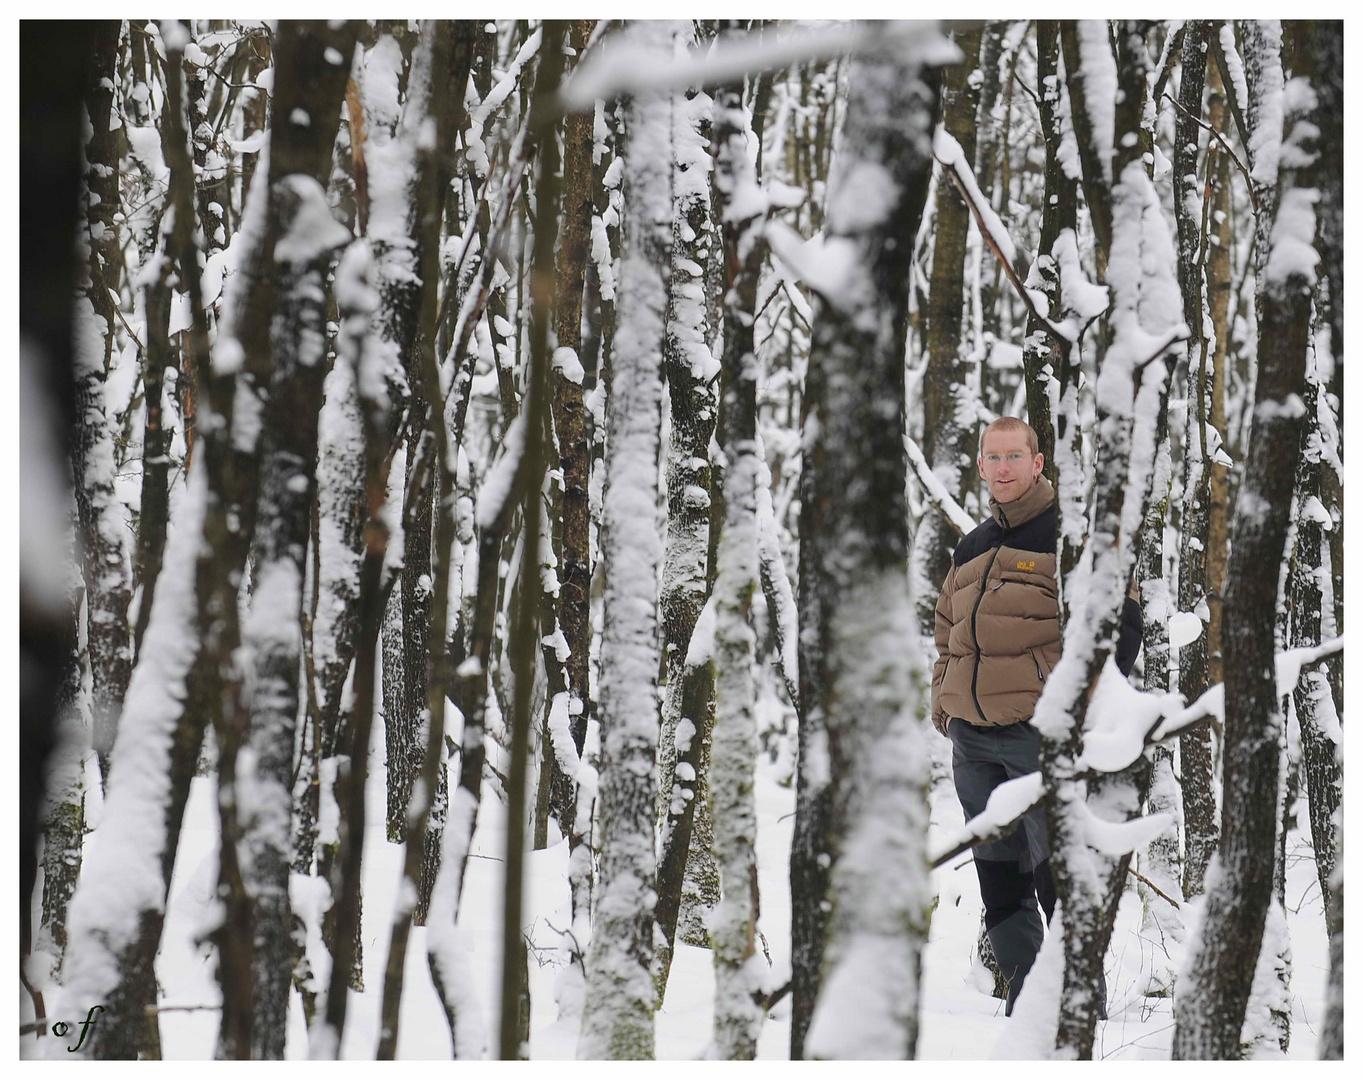 Er steht im Wald